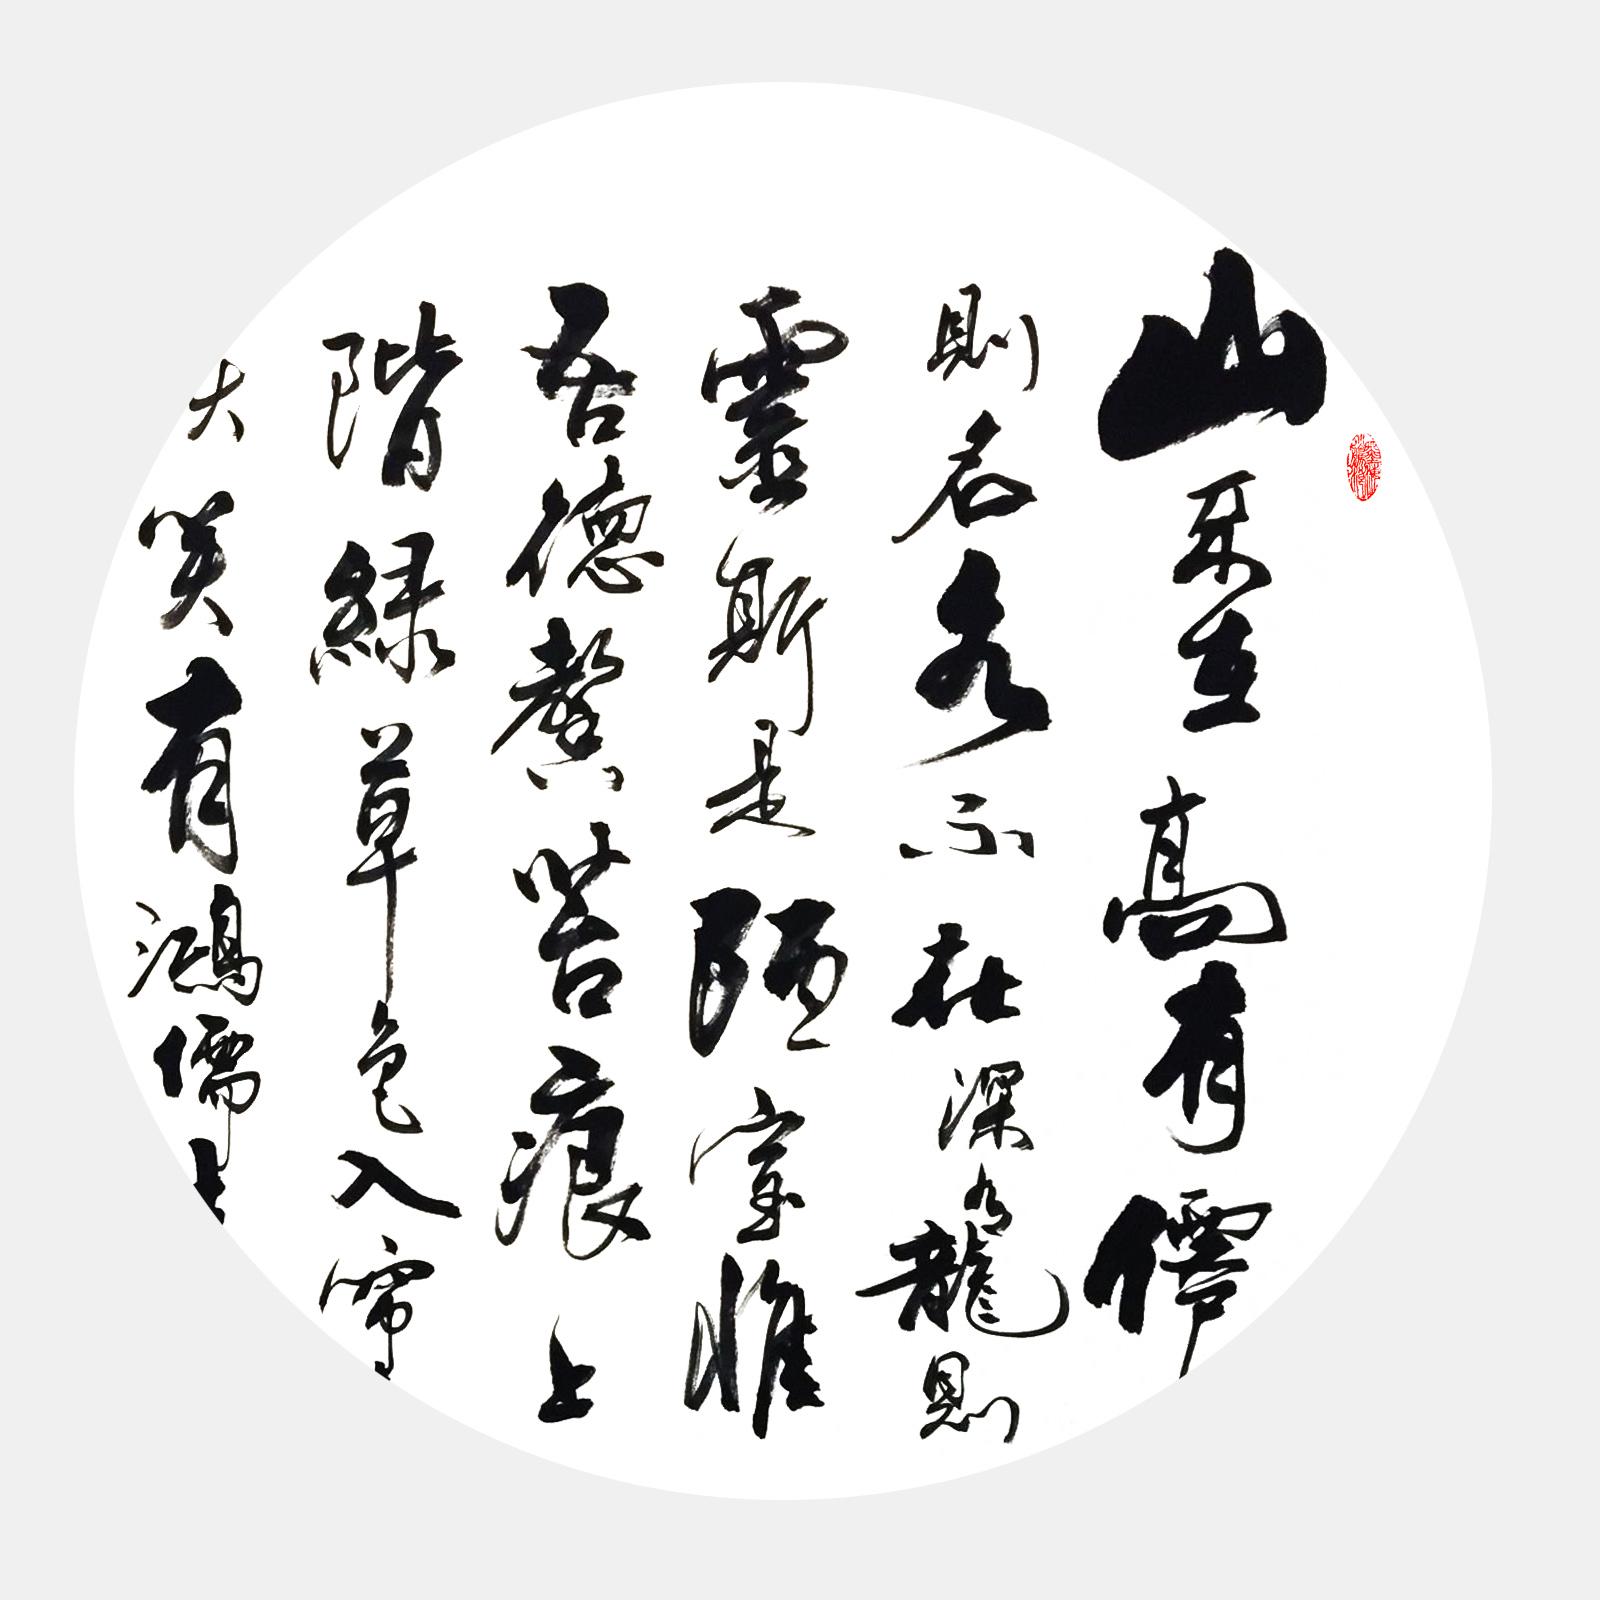 图片2:唐・刘禹锡《陋室铭》书法作品 高雅情操 古文名篇 名家行书作品